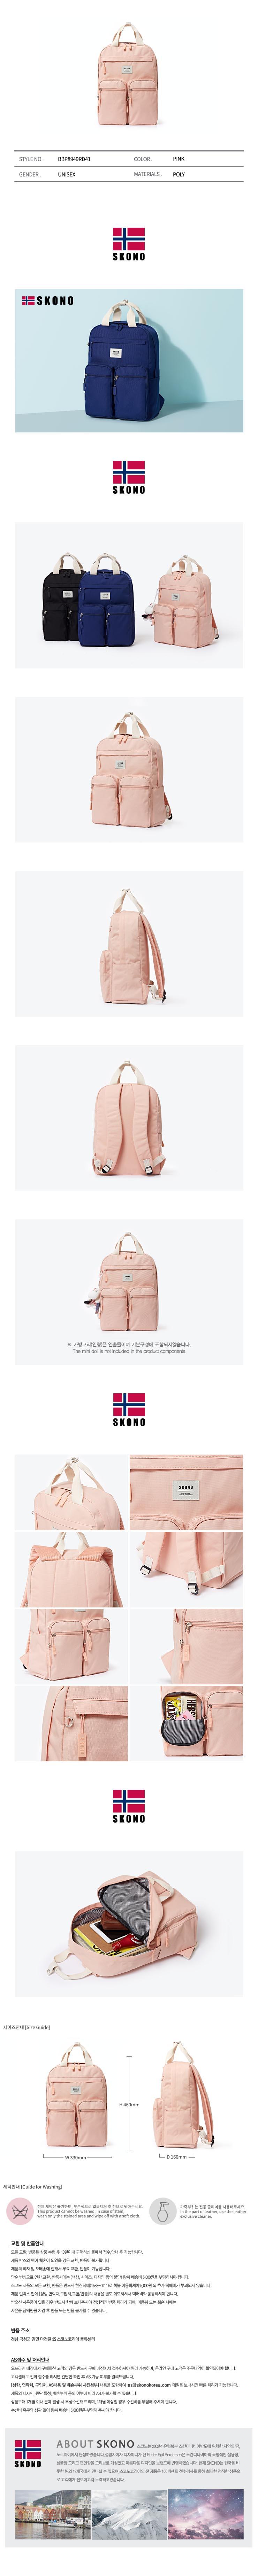 데일리 핑크 포켓 가방 백팩 41